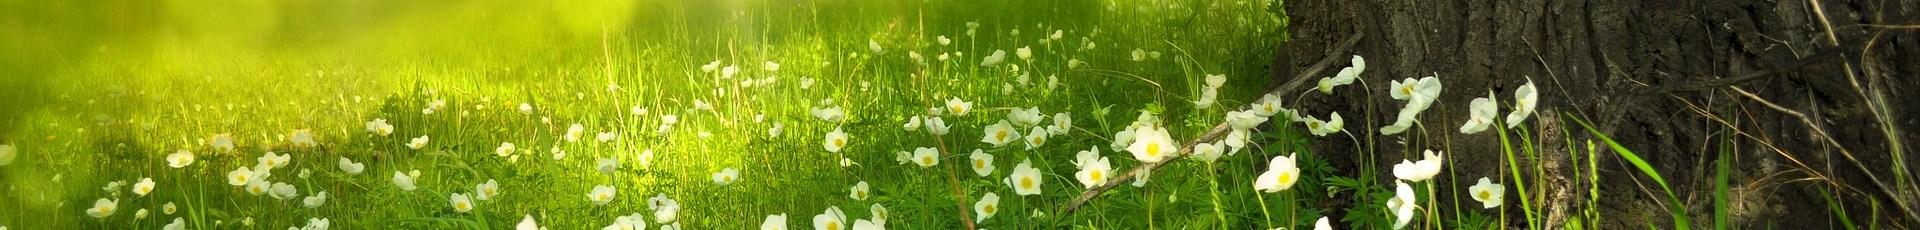 Com a Primavera: Abre-te ao Novo